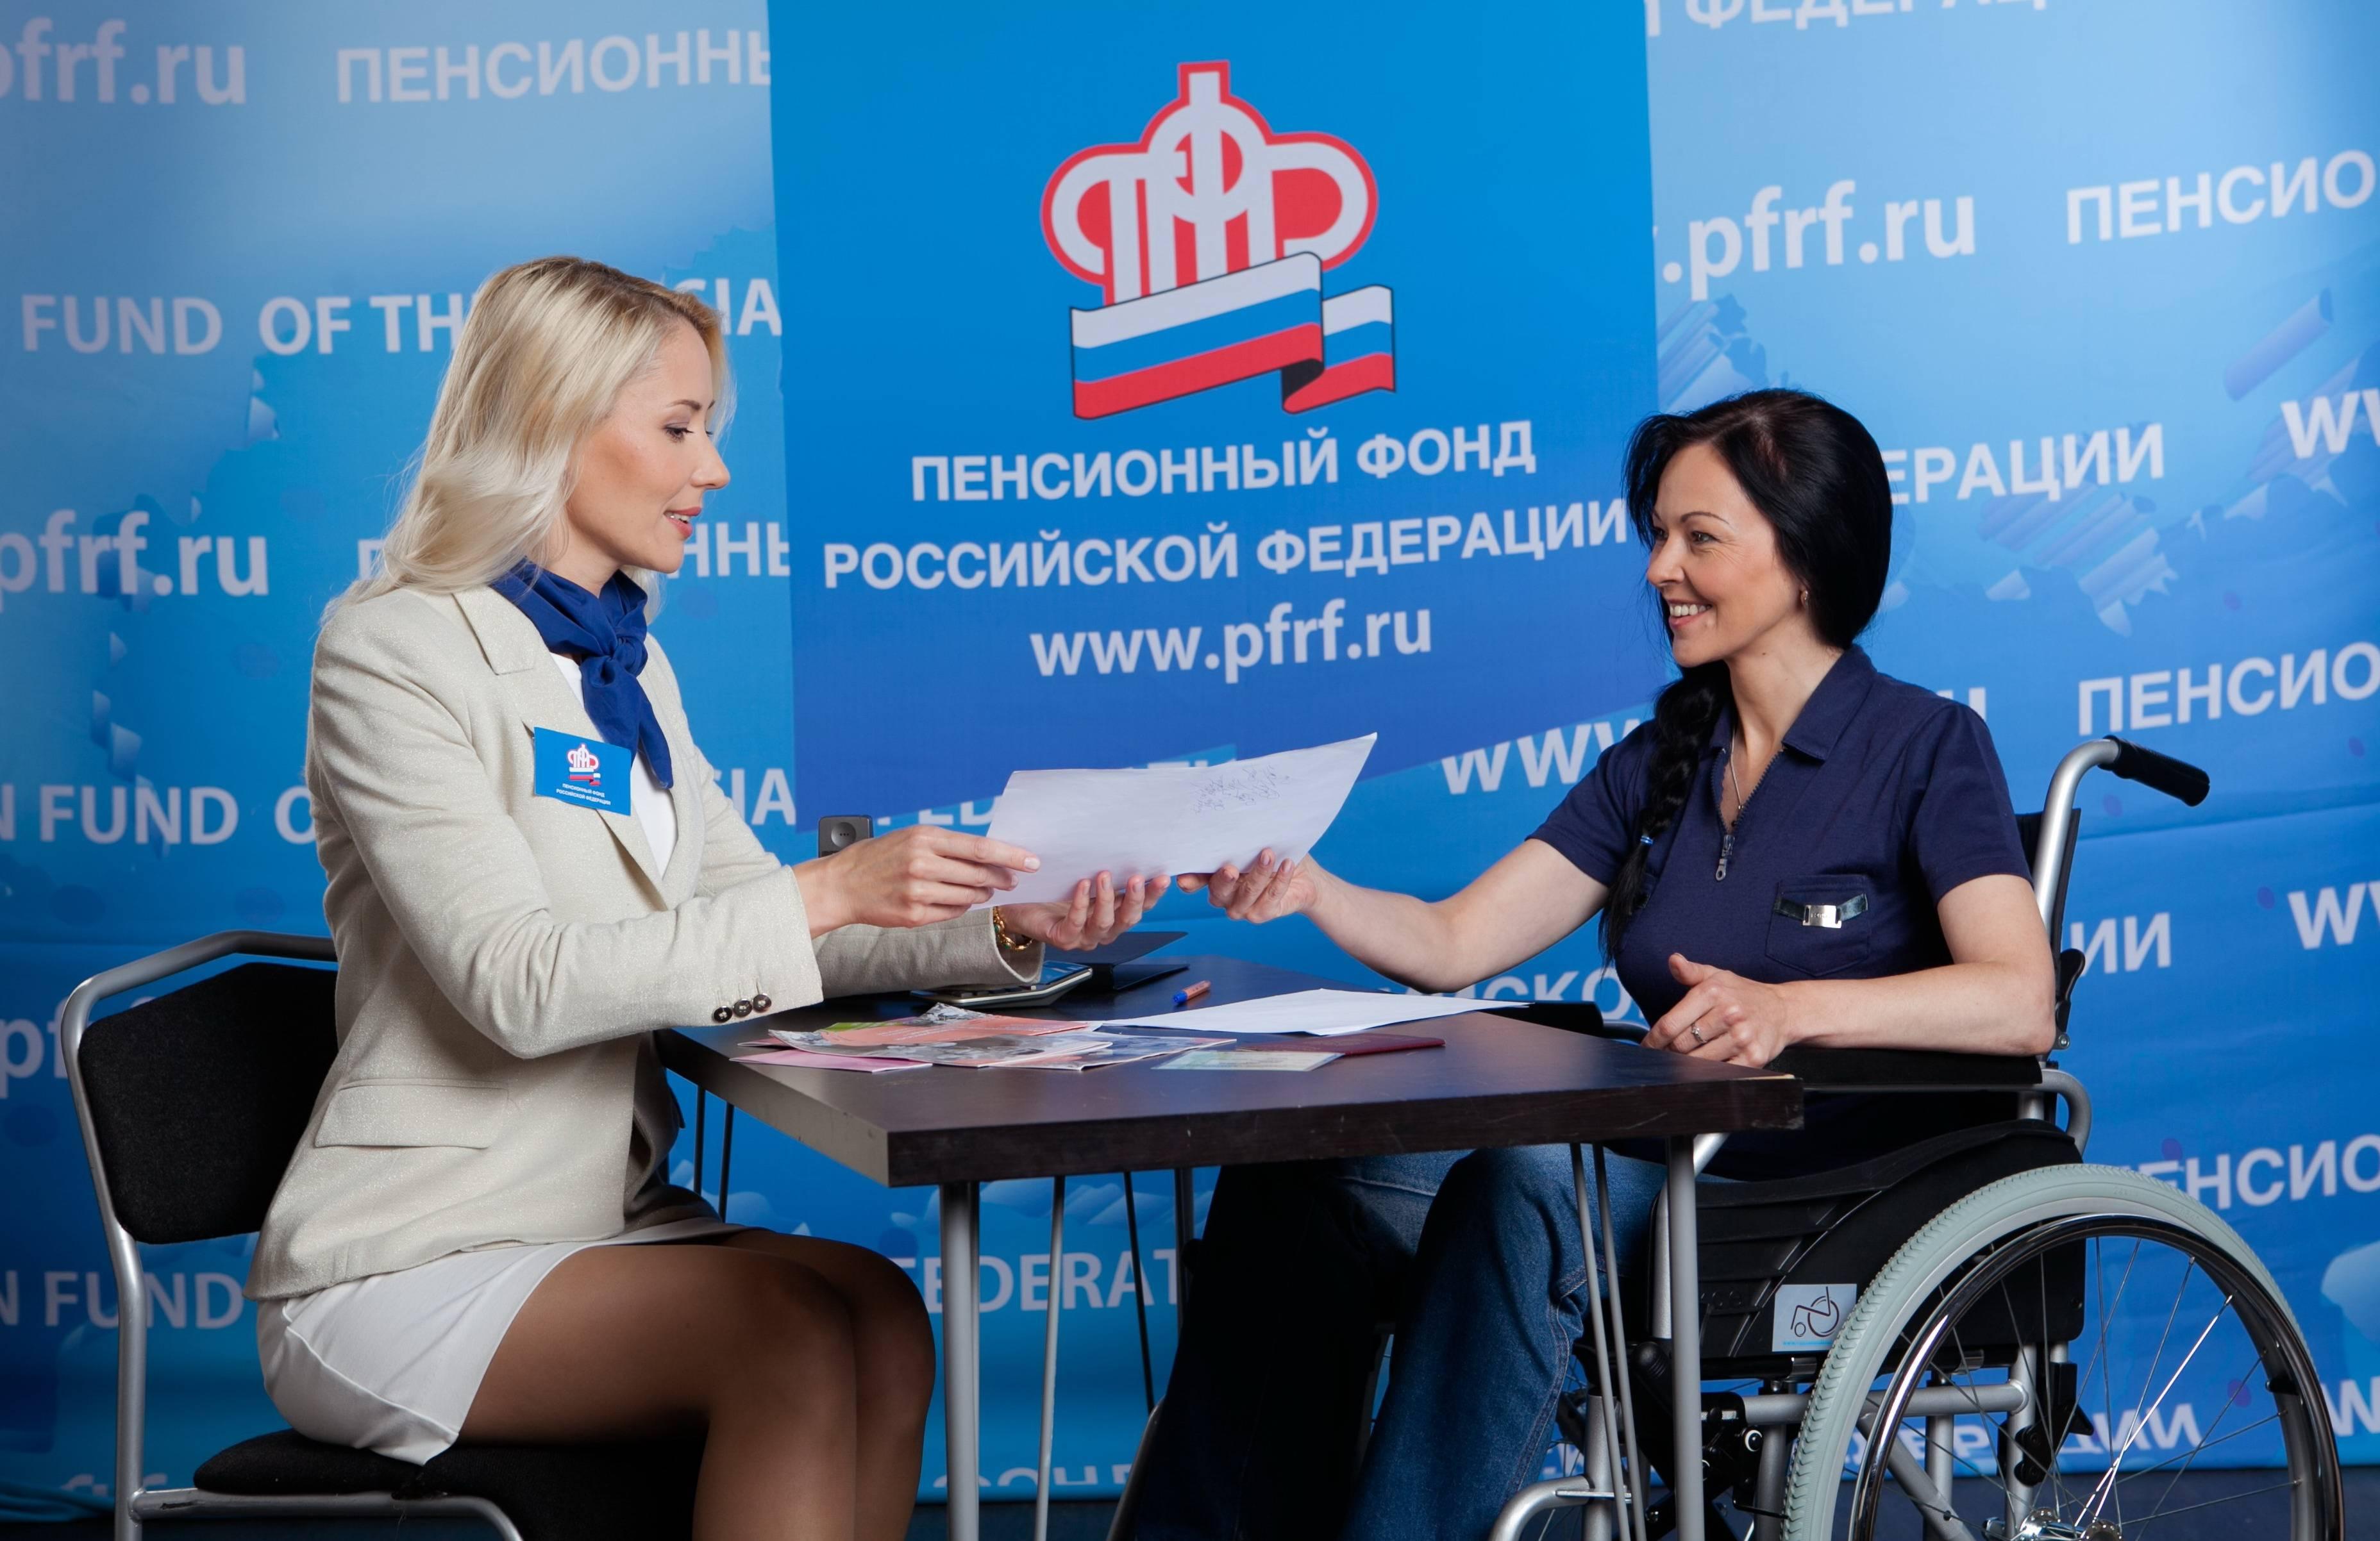 Пенсионный фонд российской федерации (пфр) — вся контактная информация